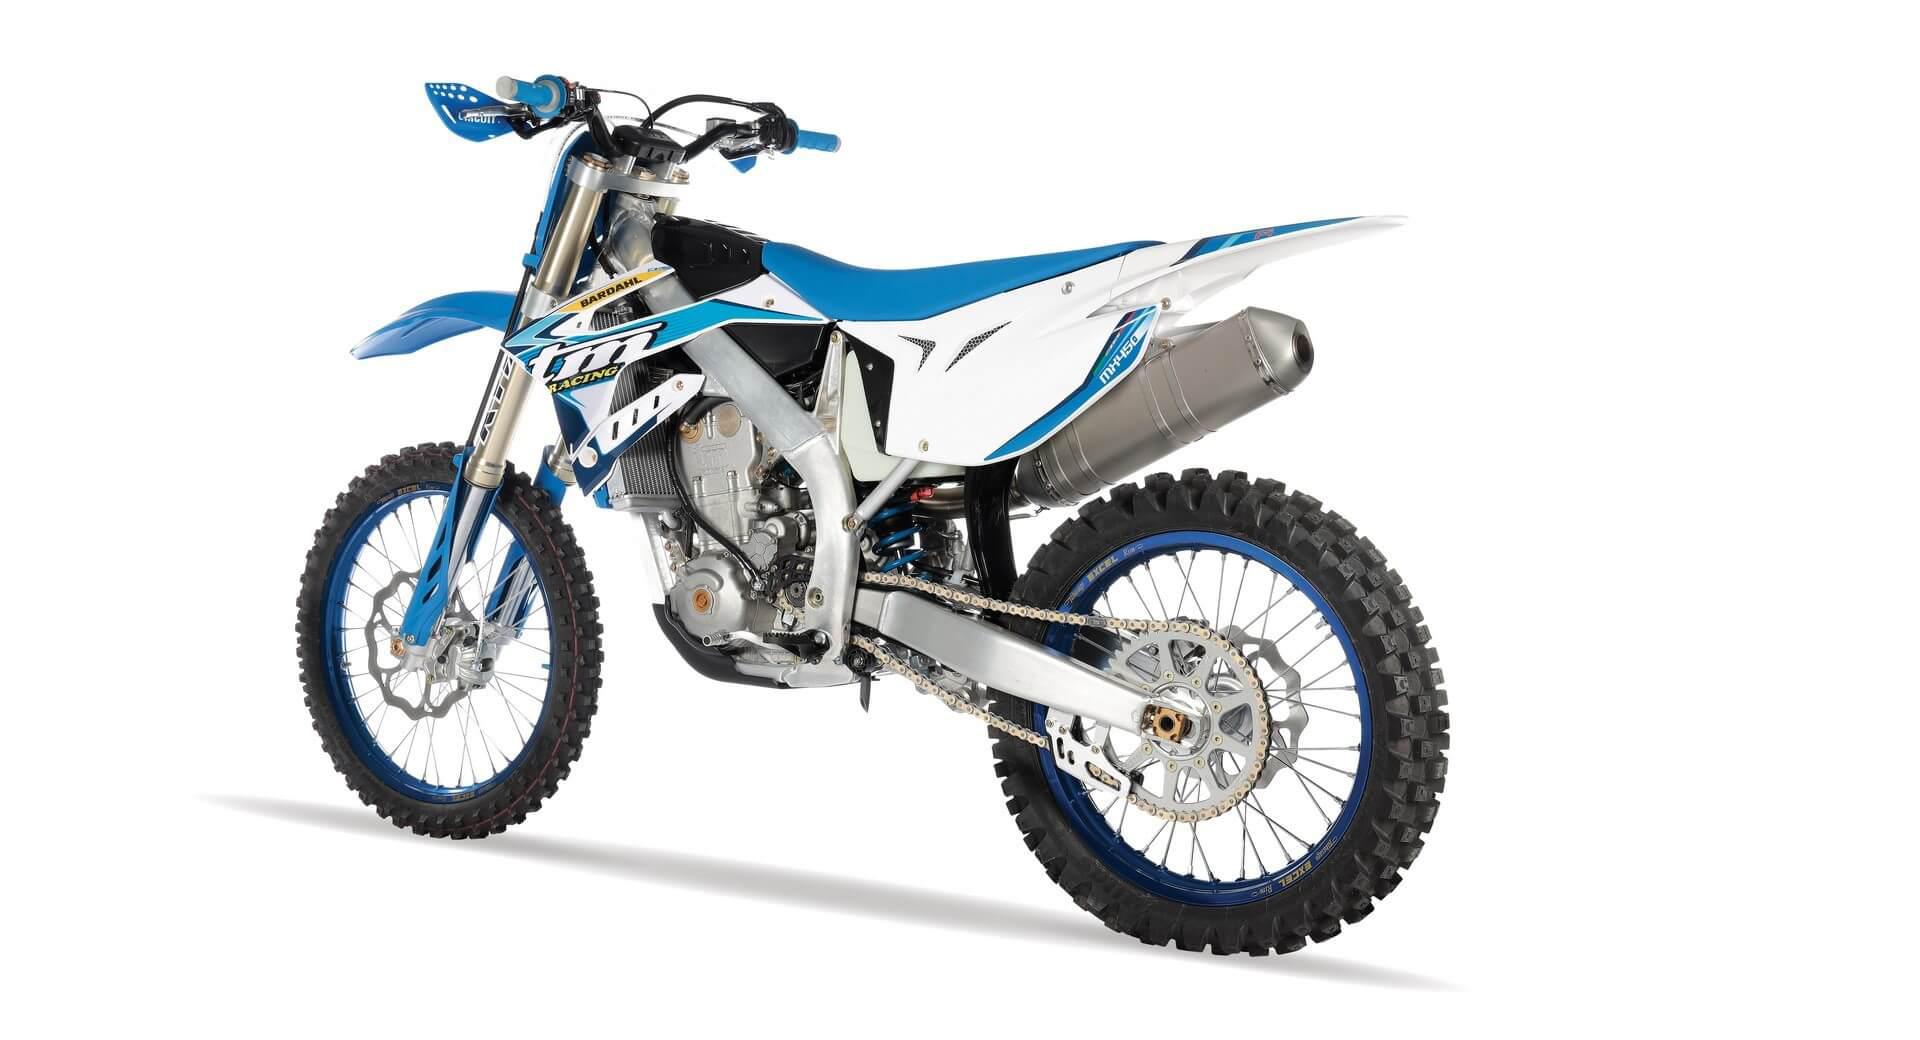 MX 450 Fi 4T 05